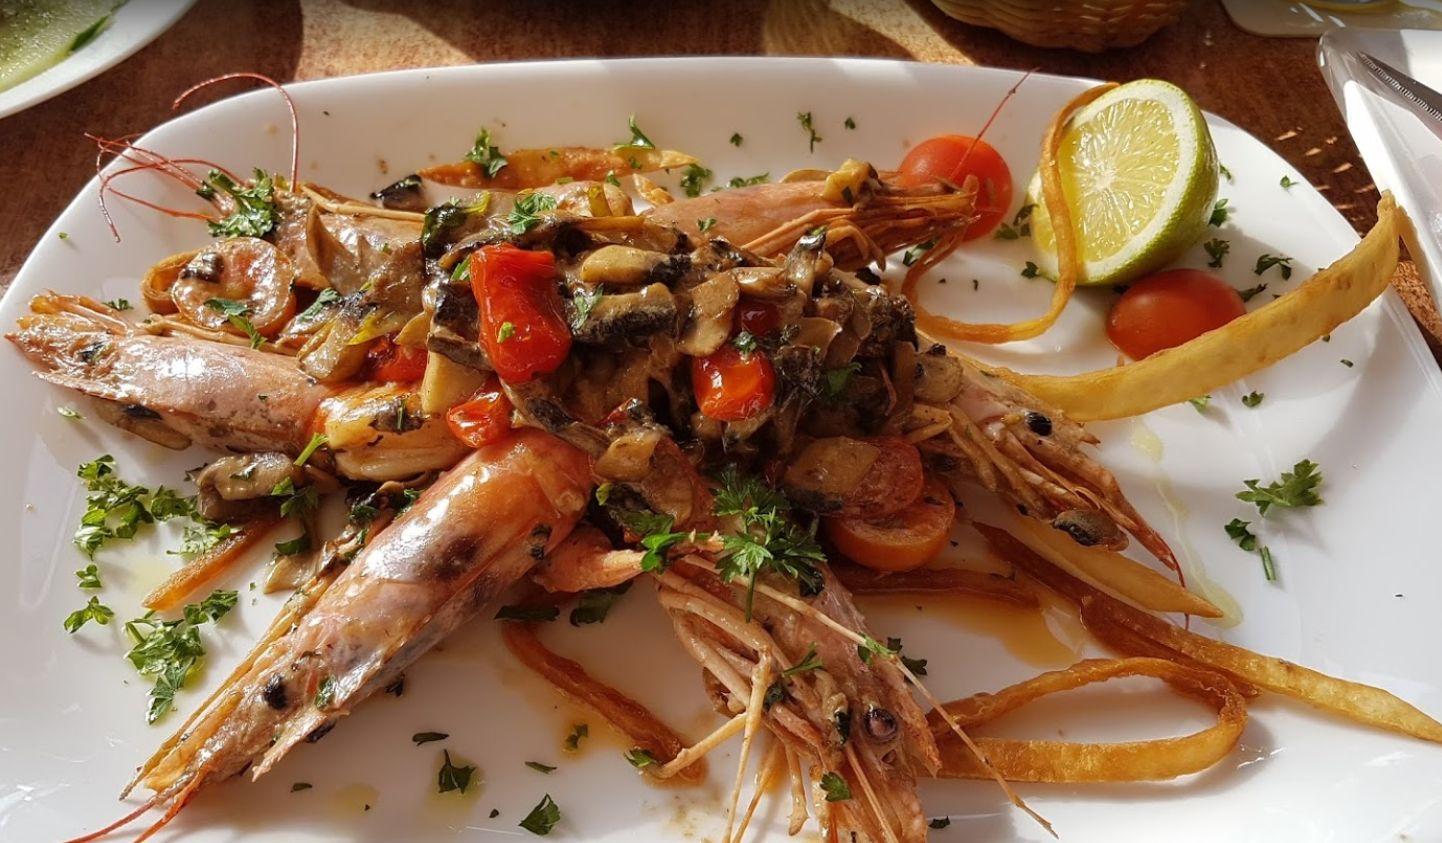 Pescados y mariscos: Nuestra Carta de Restaurante Pizzeria Don Camilo